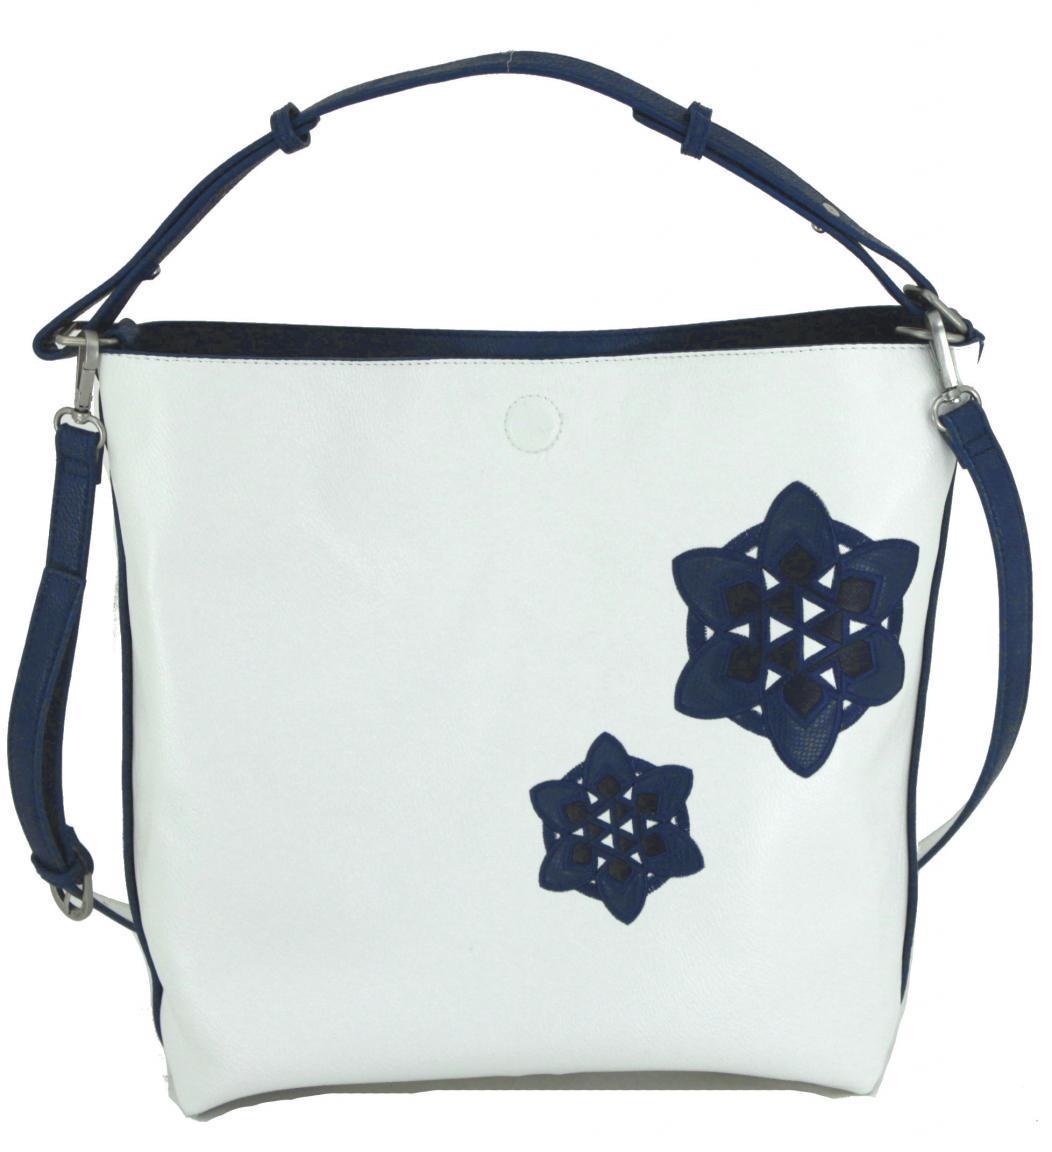 Wendetasche Desigual Trip Gijon Blumen blau weiß